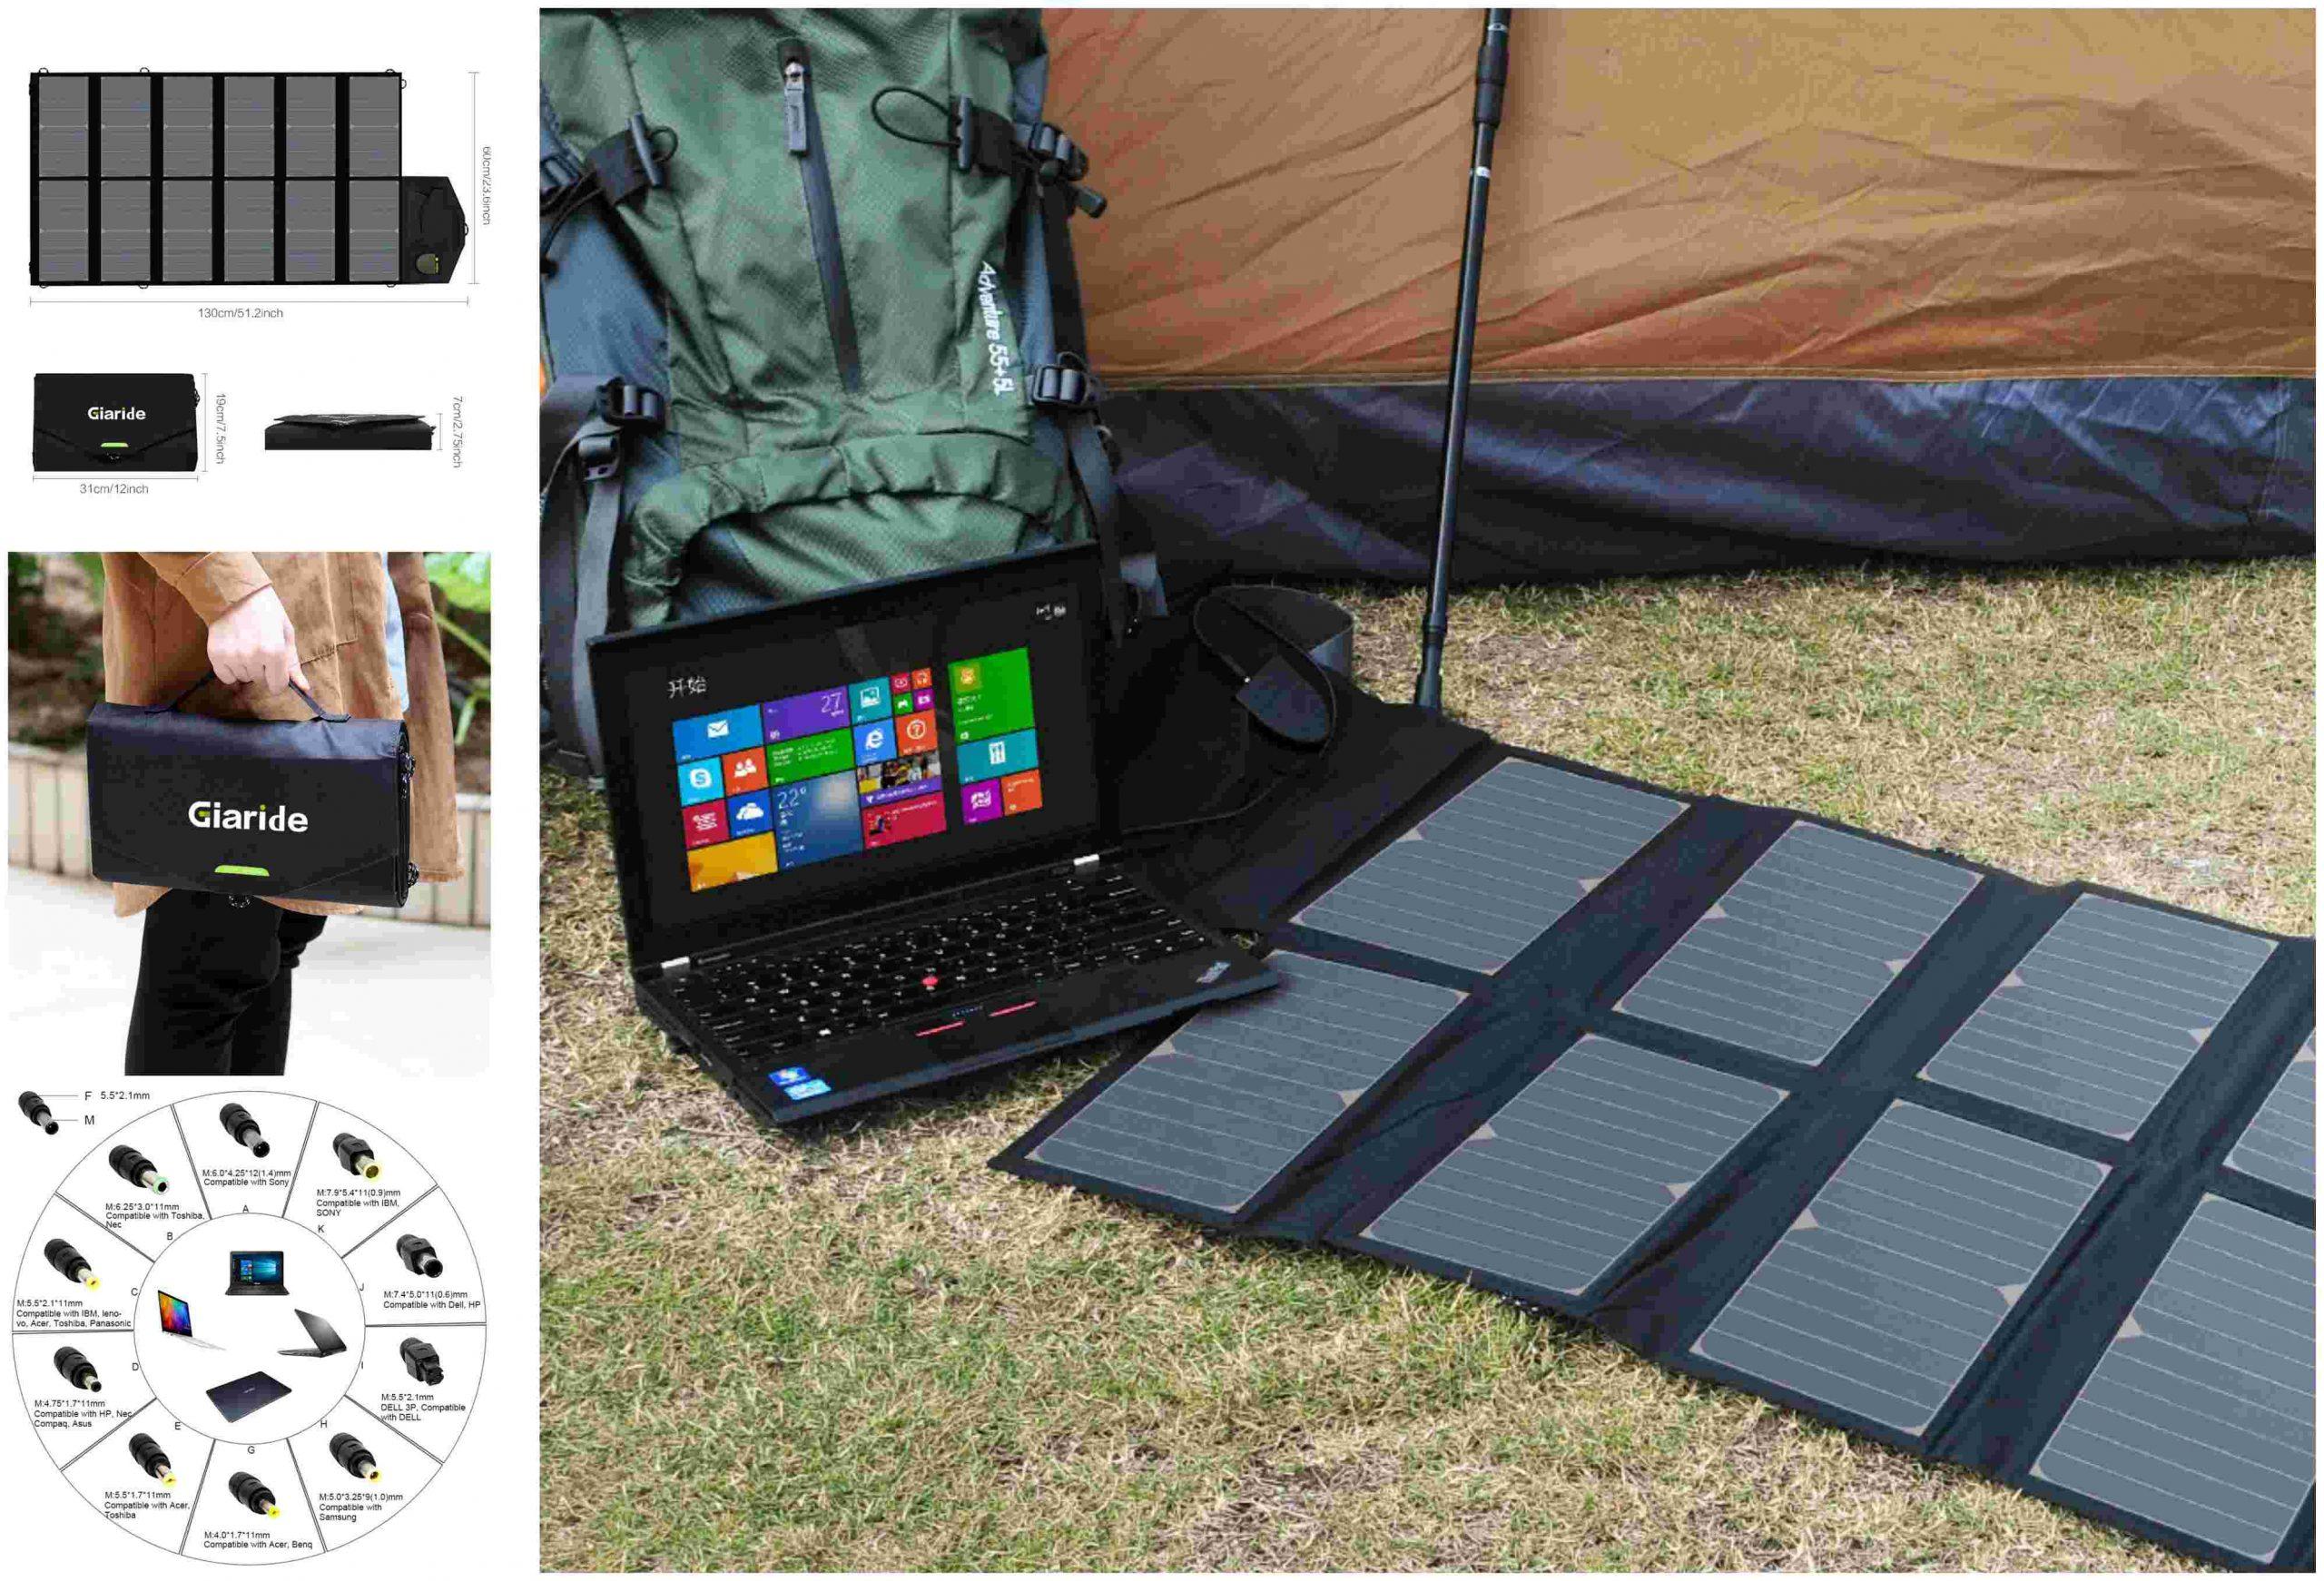 uno-de-los-mejores-paneles-solares-modelo-giaride-en-formato-maleta